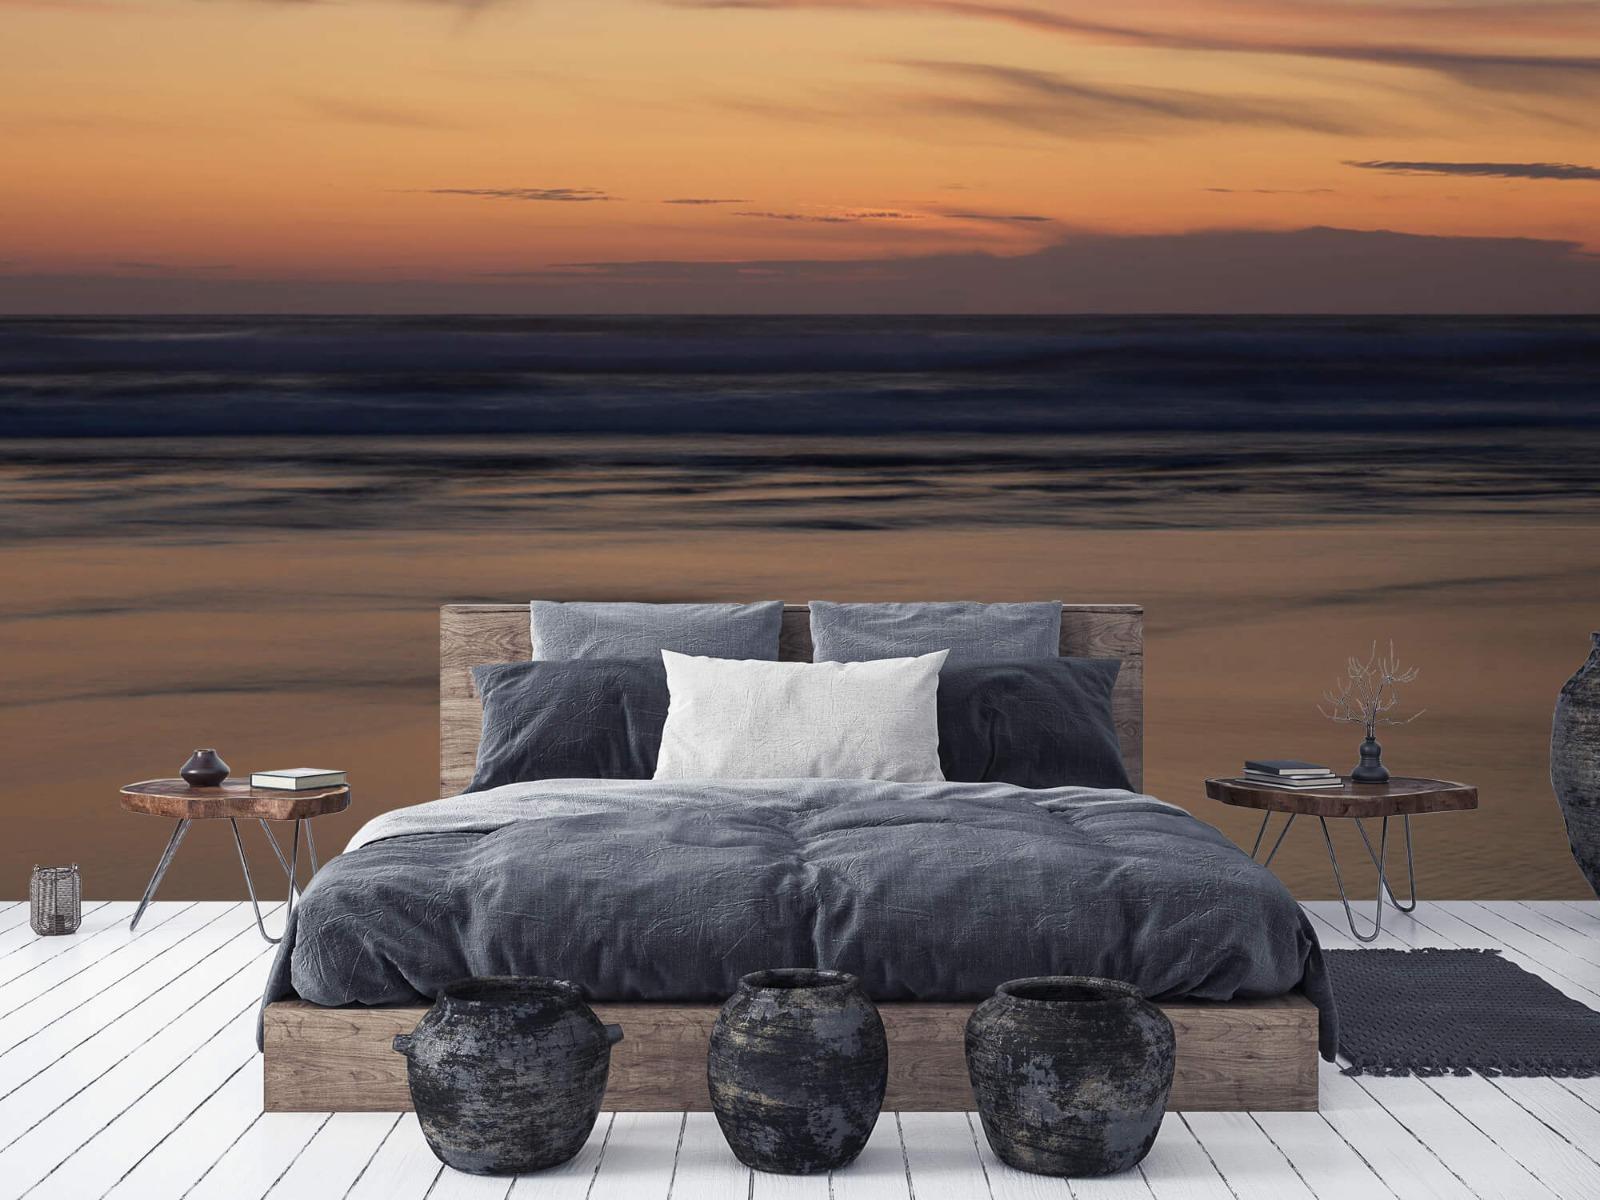 Zeeën en Oceanen - Zonsondergang aan de kust - Slaapkamer 5